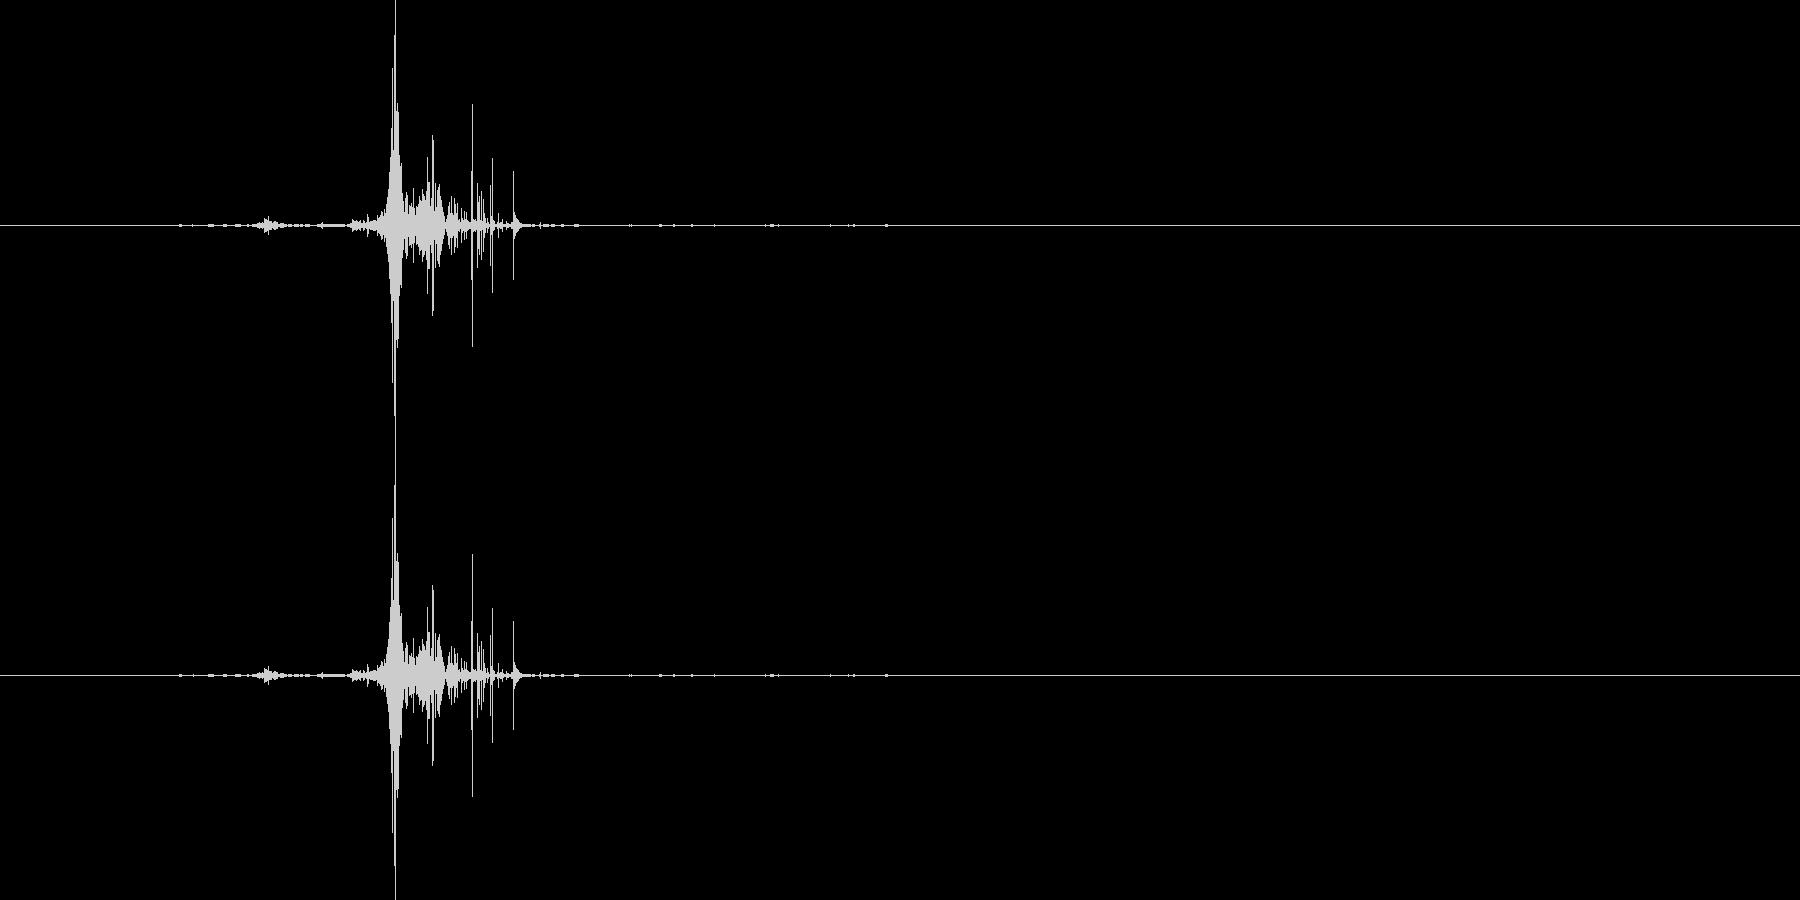 ジボ(ライター着火音)の未再生の波形